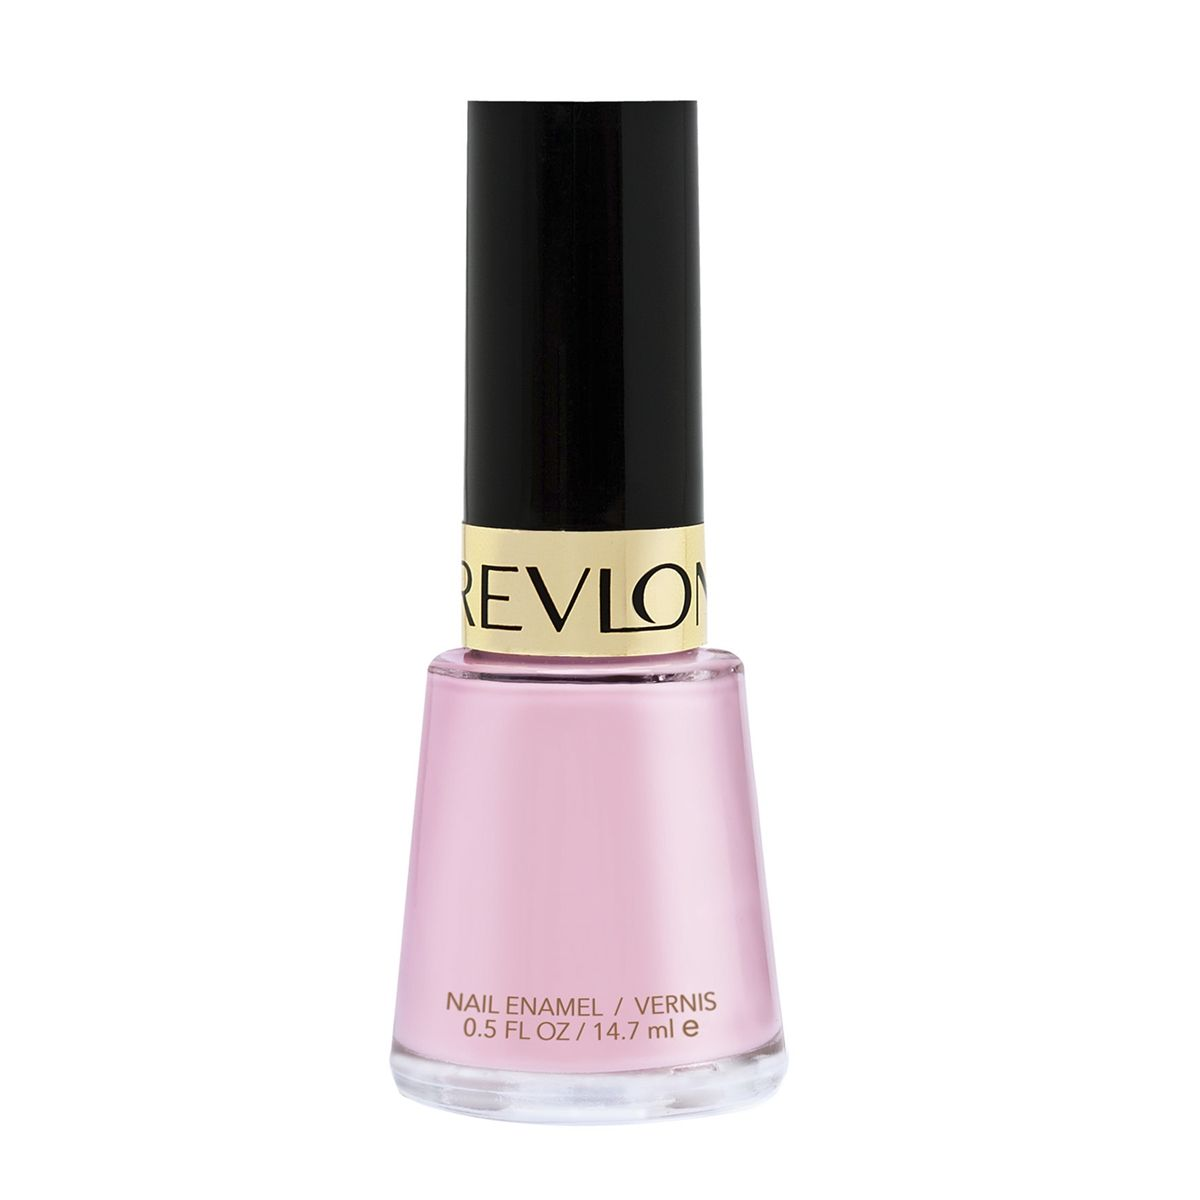 Esmalte Revlon Revlon 911 Pink Chiffon 14.7ml